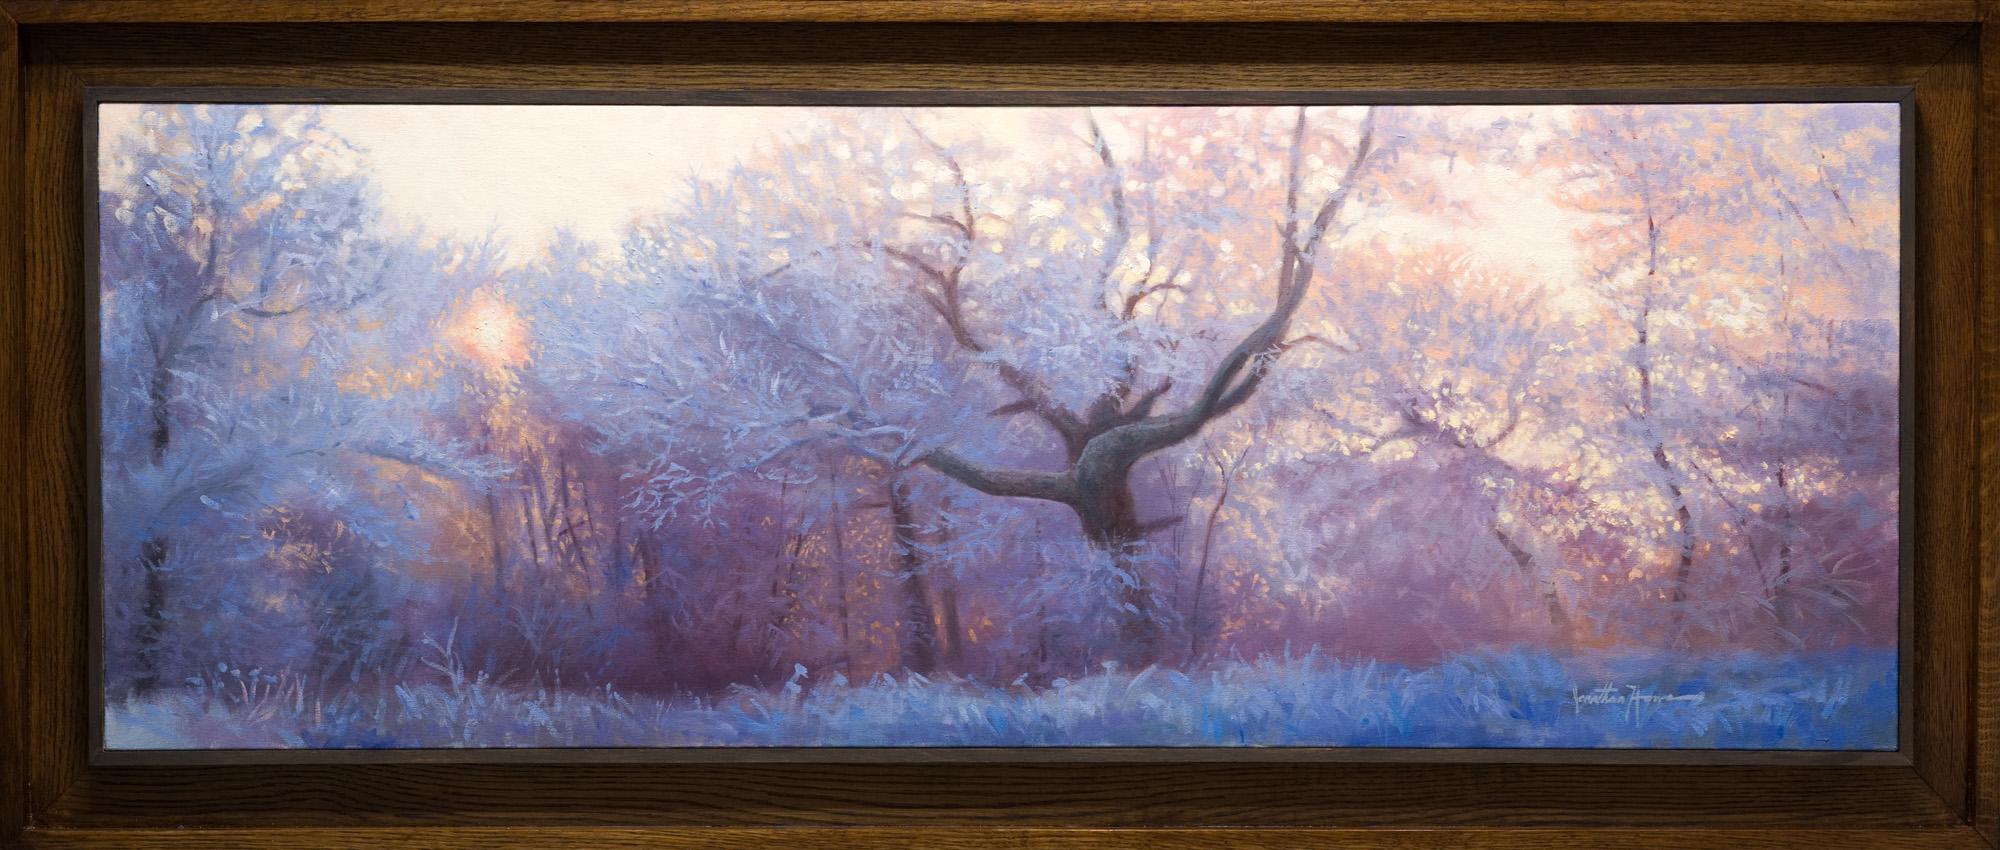 Wonderland_Framed_18x50_JonathanHowe.jpg